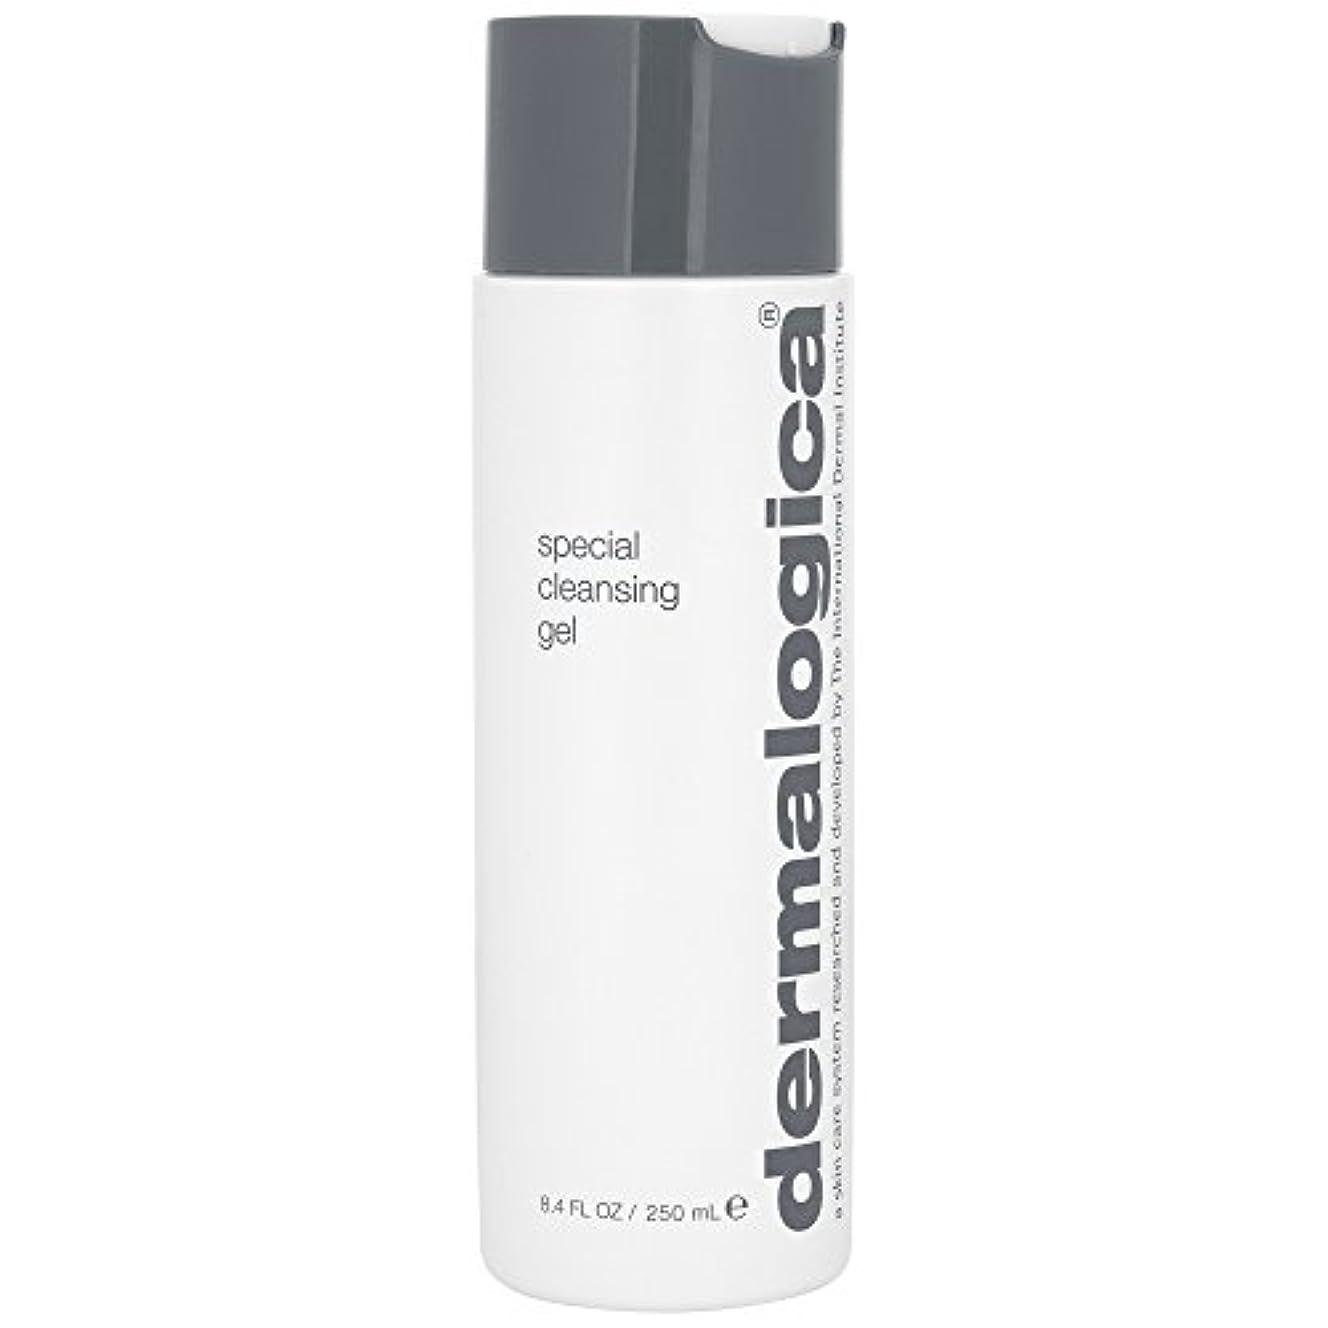 一元化するバレーボールホールドダーマロジカ特別なクレンジングゲル250ミリリットル (Dermalogica) - Dermalogica Special Cleansing Gel 250ml [並行輸入品]